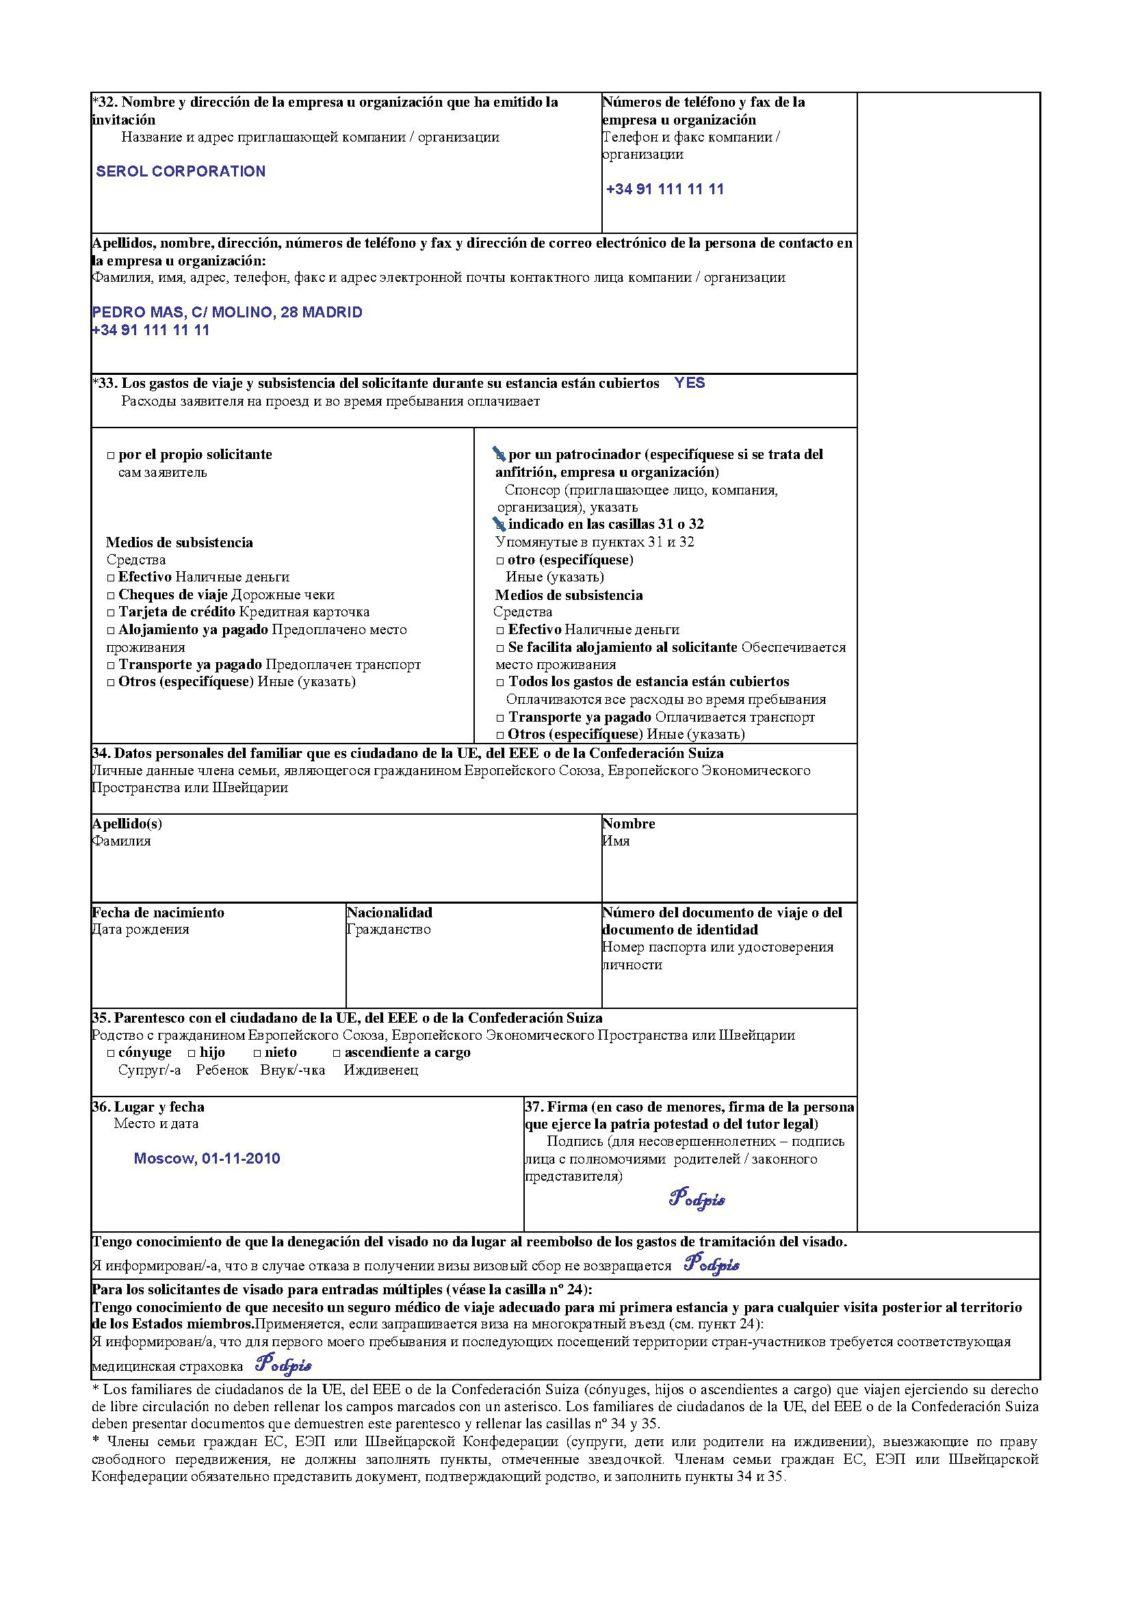 образец заполнения анкеты на шенген